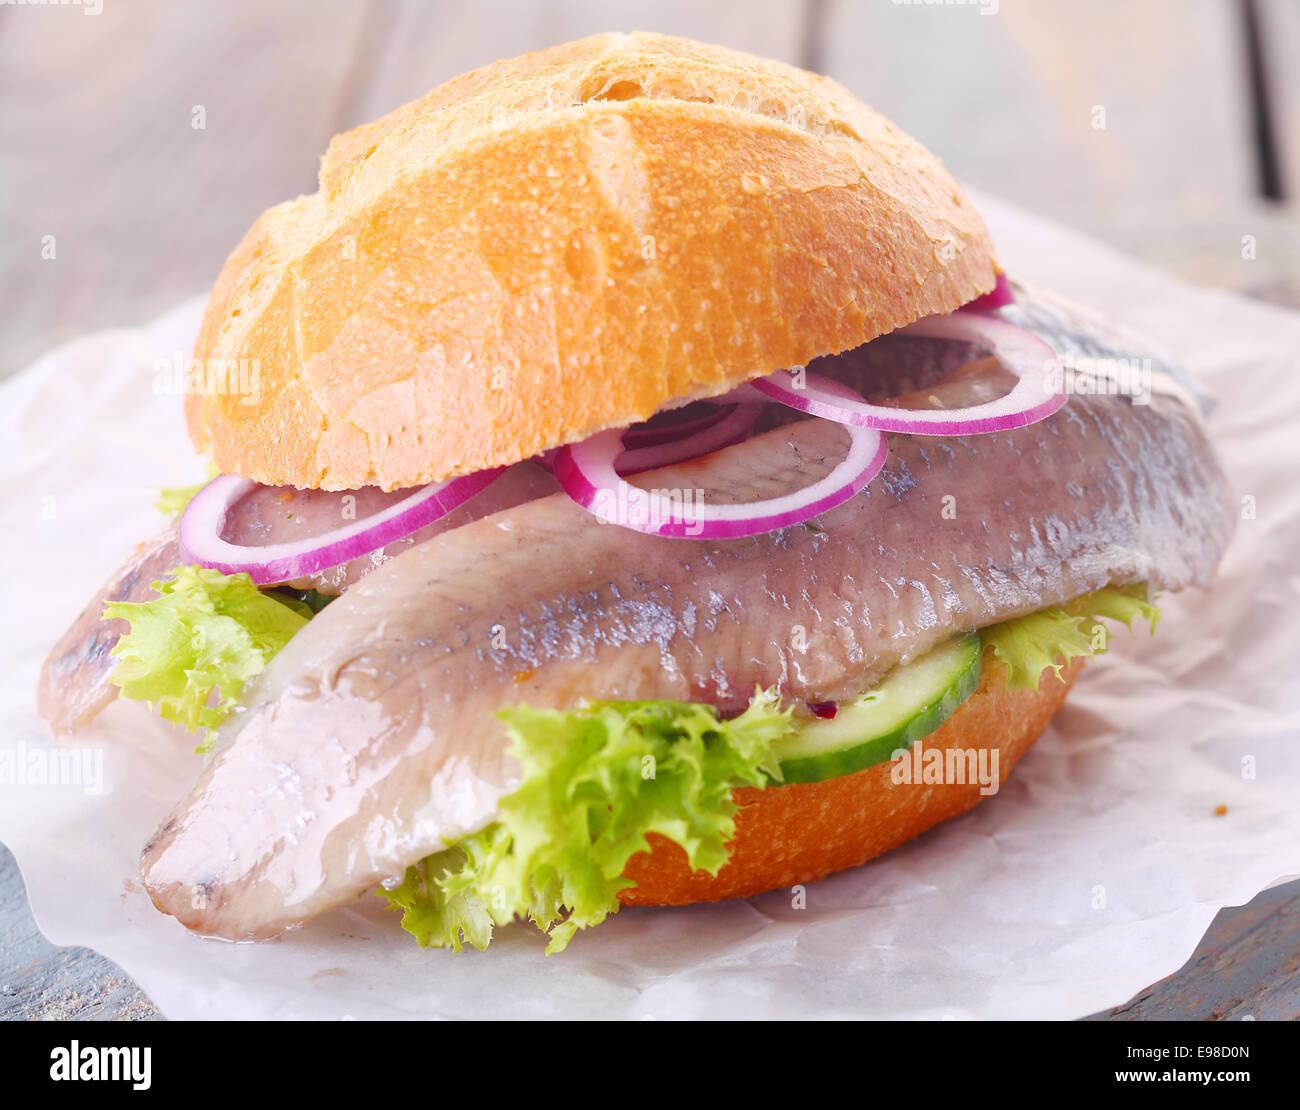 Gesunde Vegetarische Meeresfruchte Burger Mit Einem Filet Vom Kalten